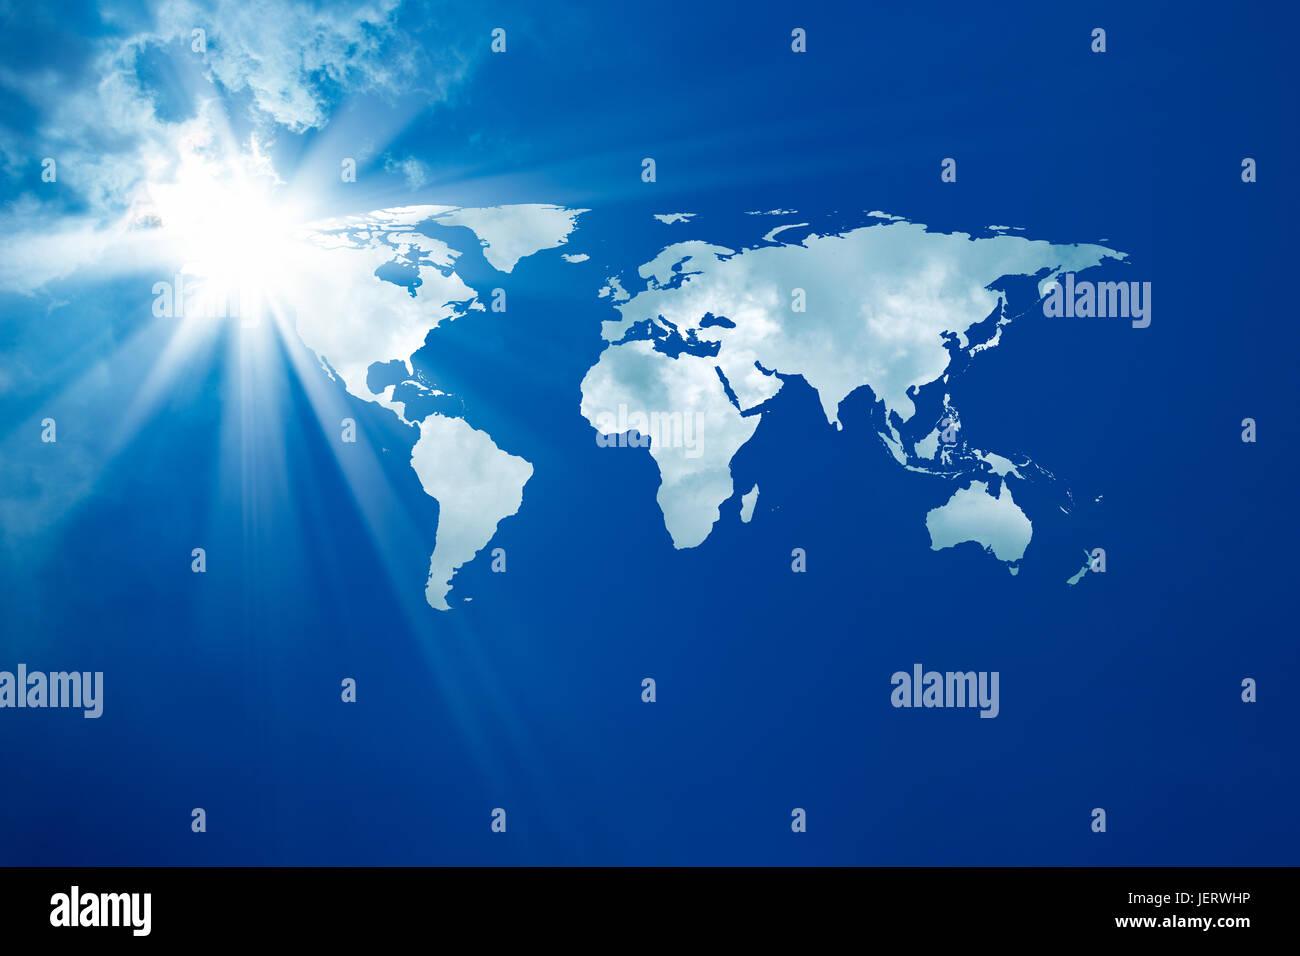 Imagen de fondo conceptual del mapa del mundo. Amueblado NASA World imagen utilizada para esta imagen. Imagen De Stock